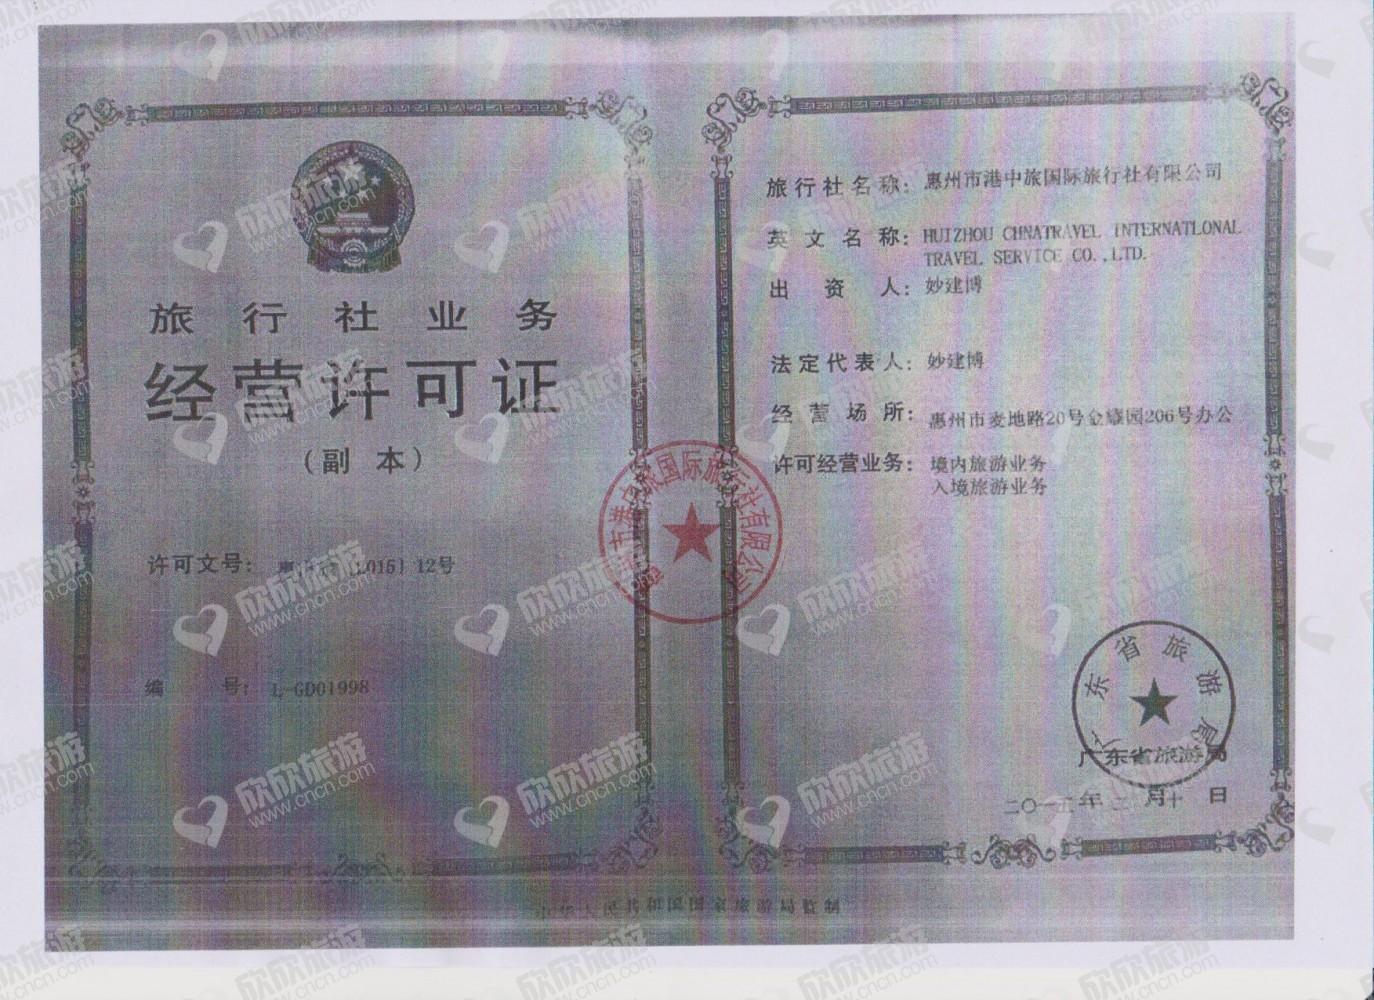 惠州市港中旅国际旅行社有限公司经营许可证